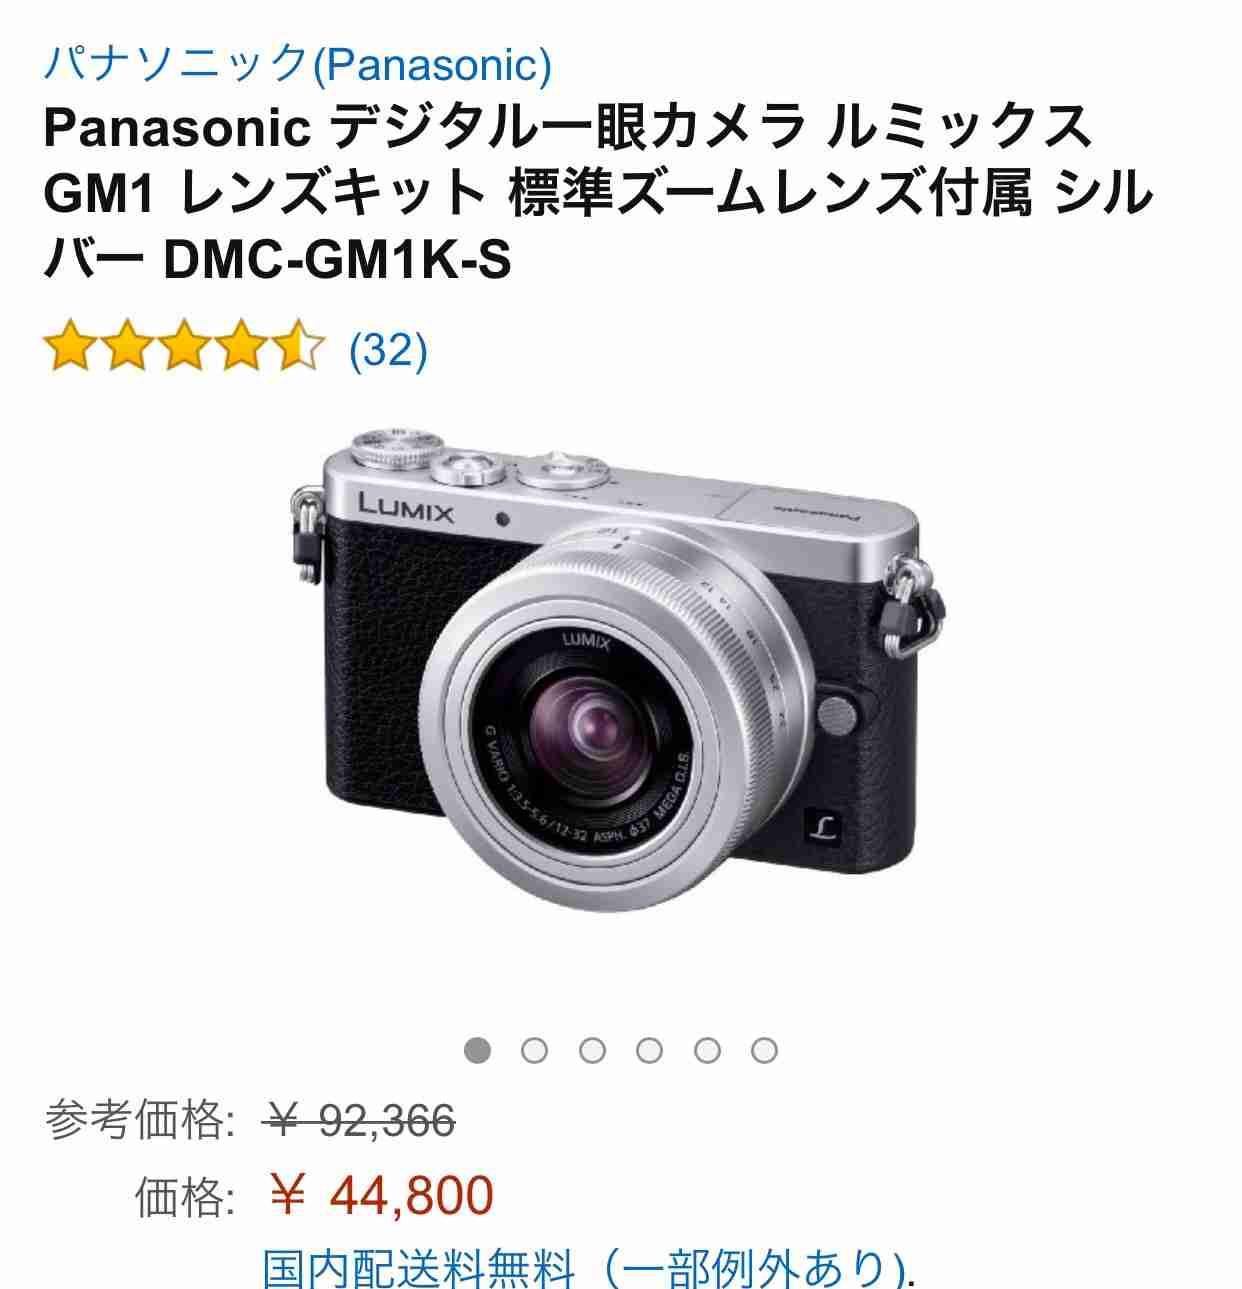 おすすめのデジタル一眼レフカメラ!